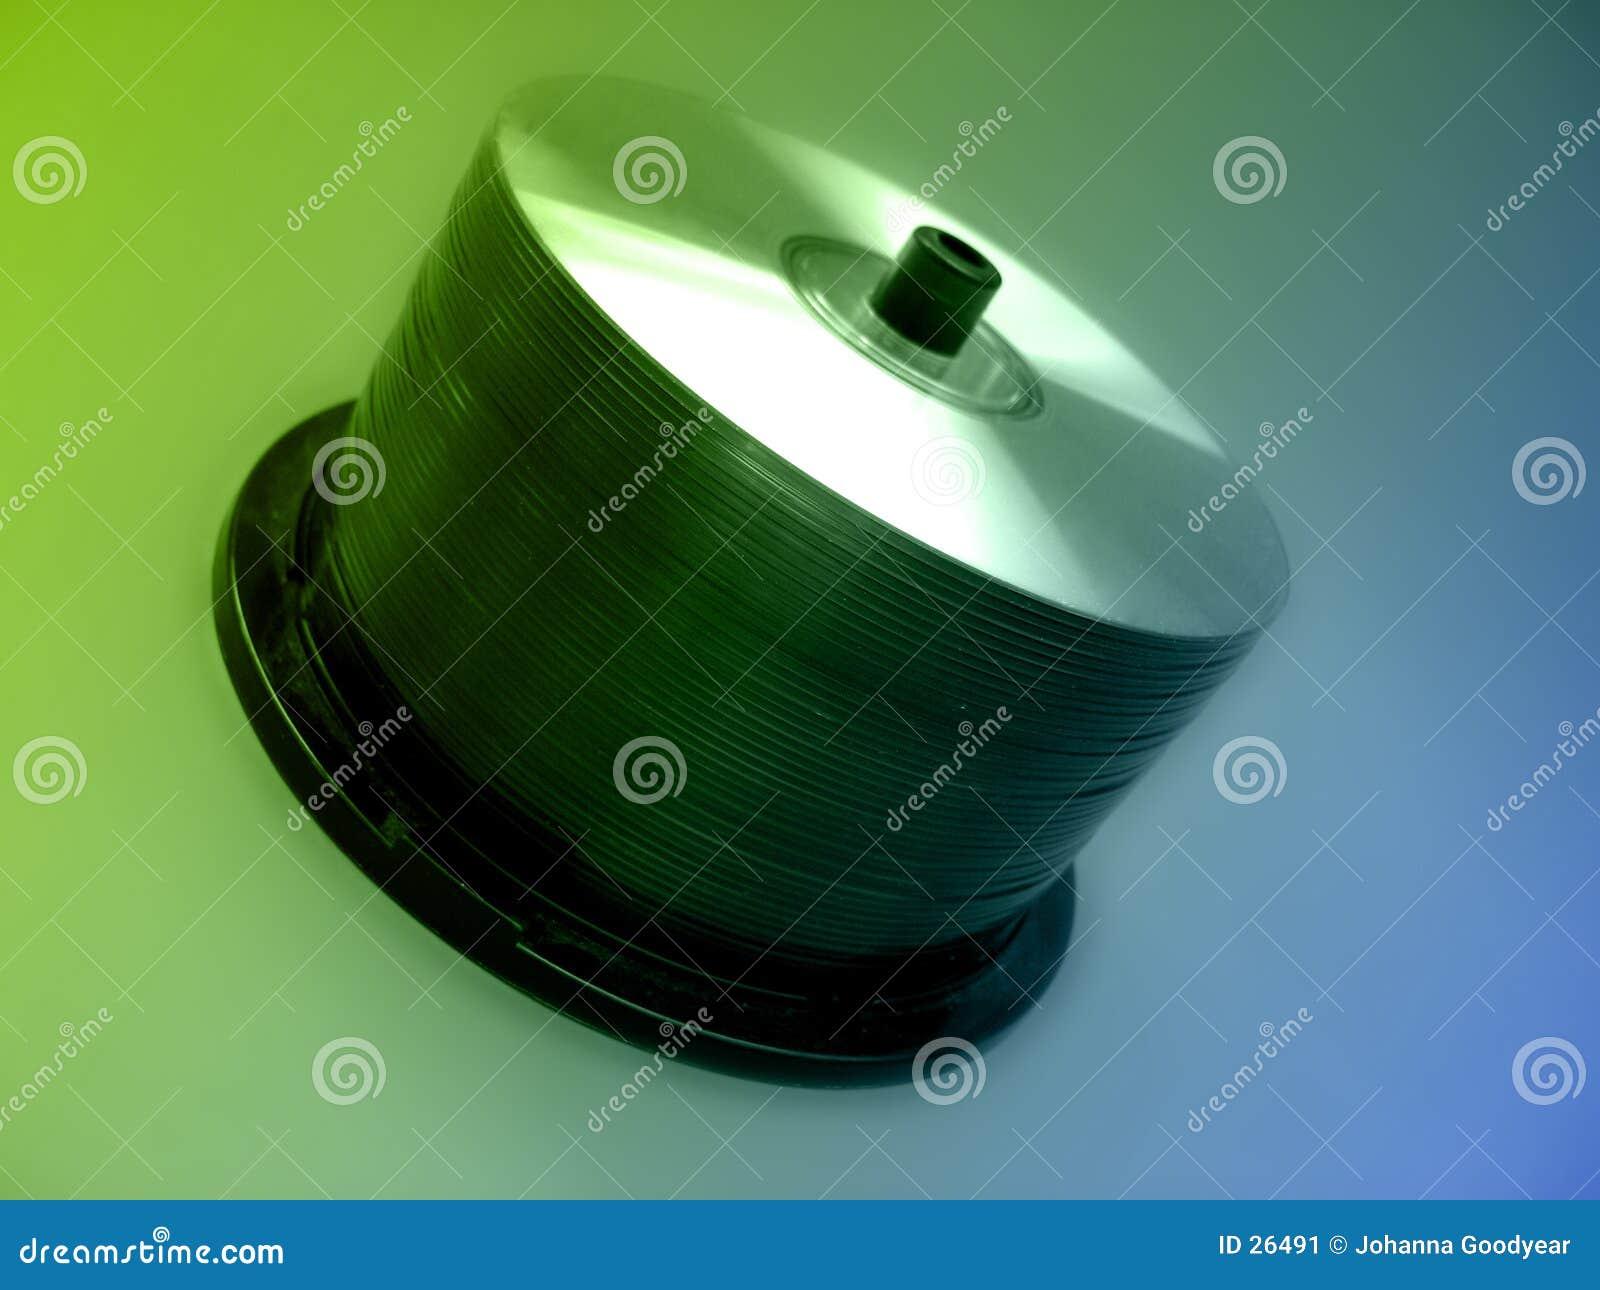 Download Eje de rotación CD imagen de archivo. Imagen de quemado - 26491